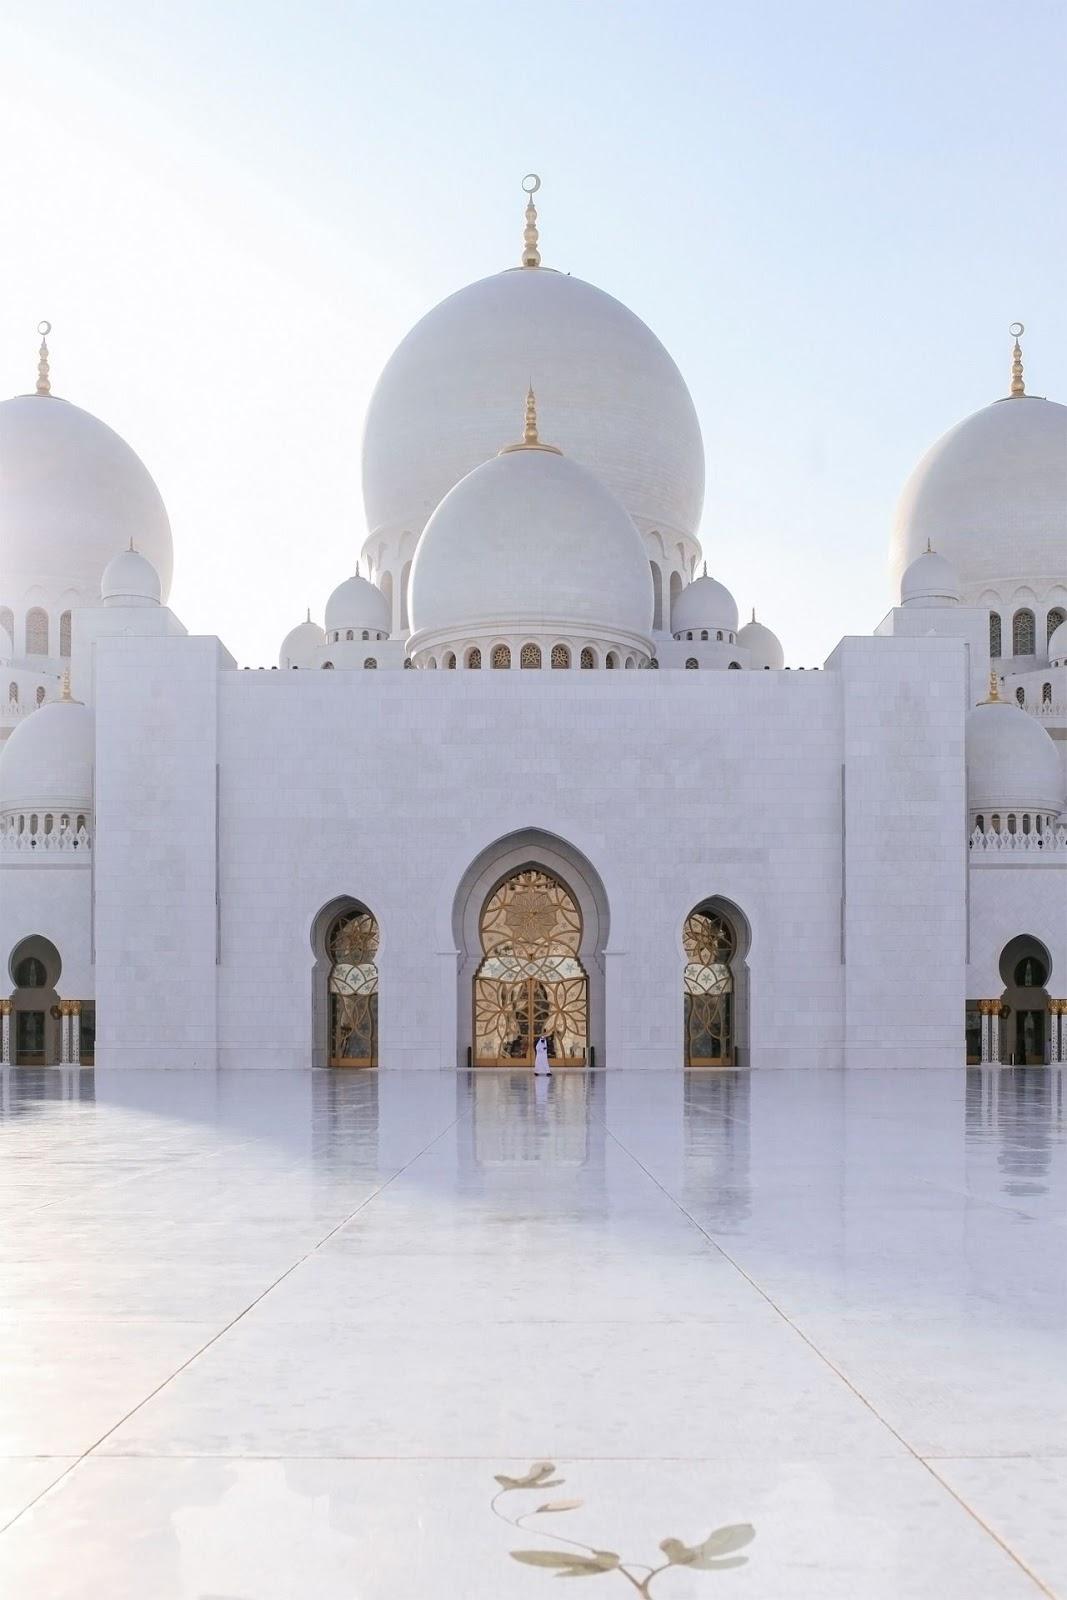 inspirasi desain masjid - Blog Ely setiawan